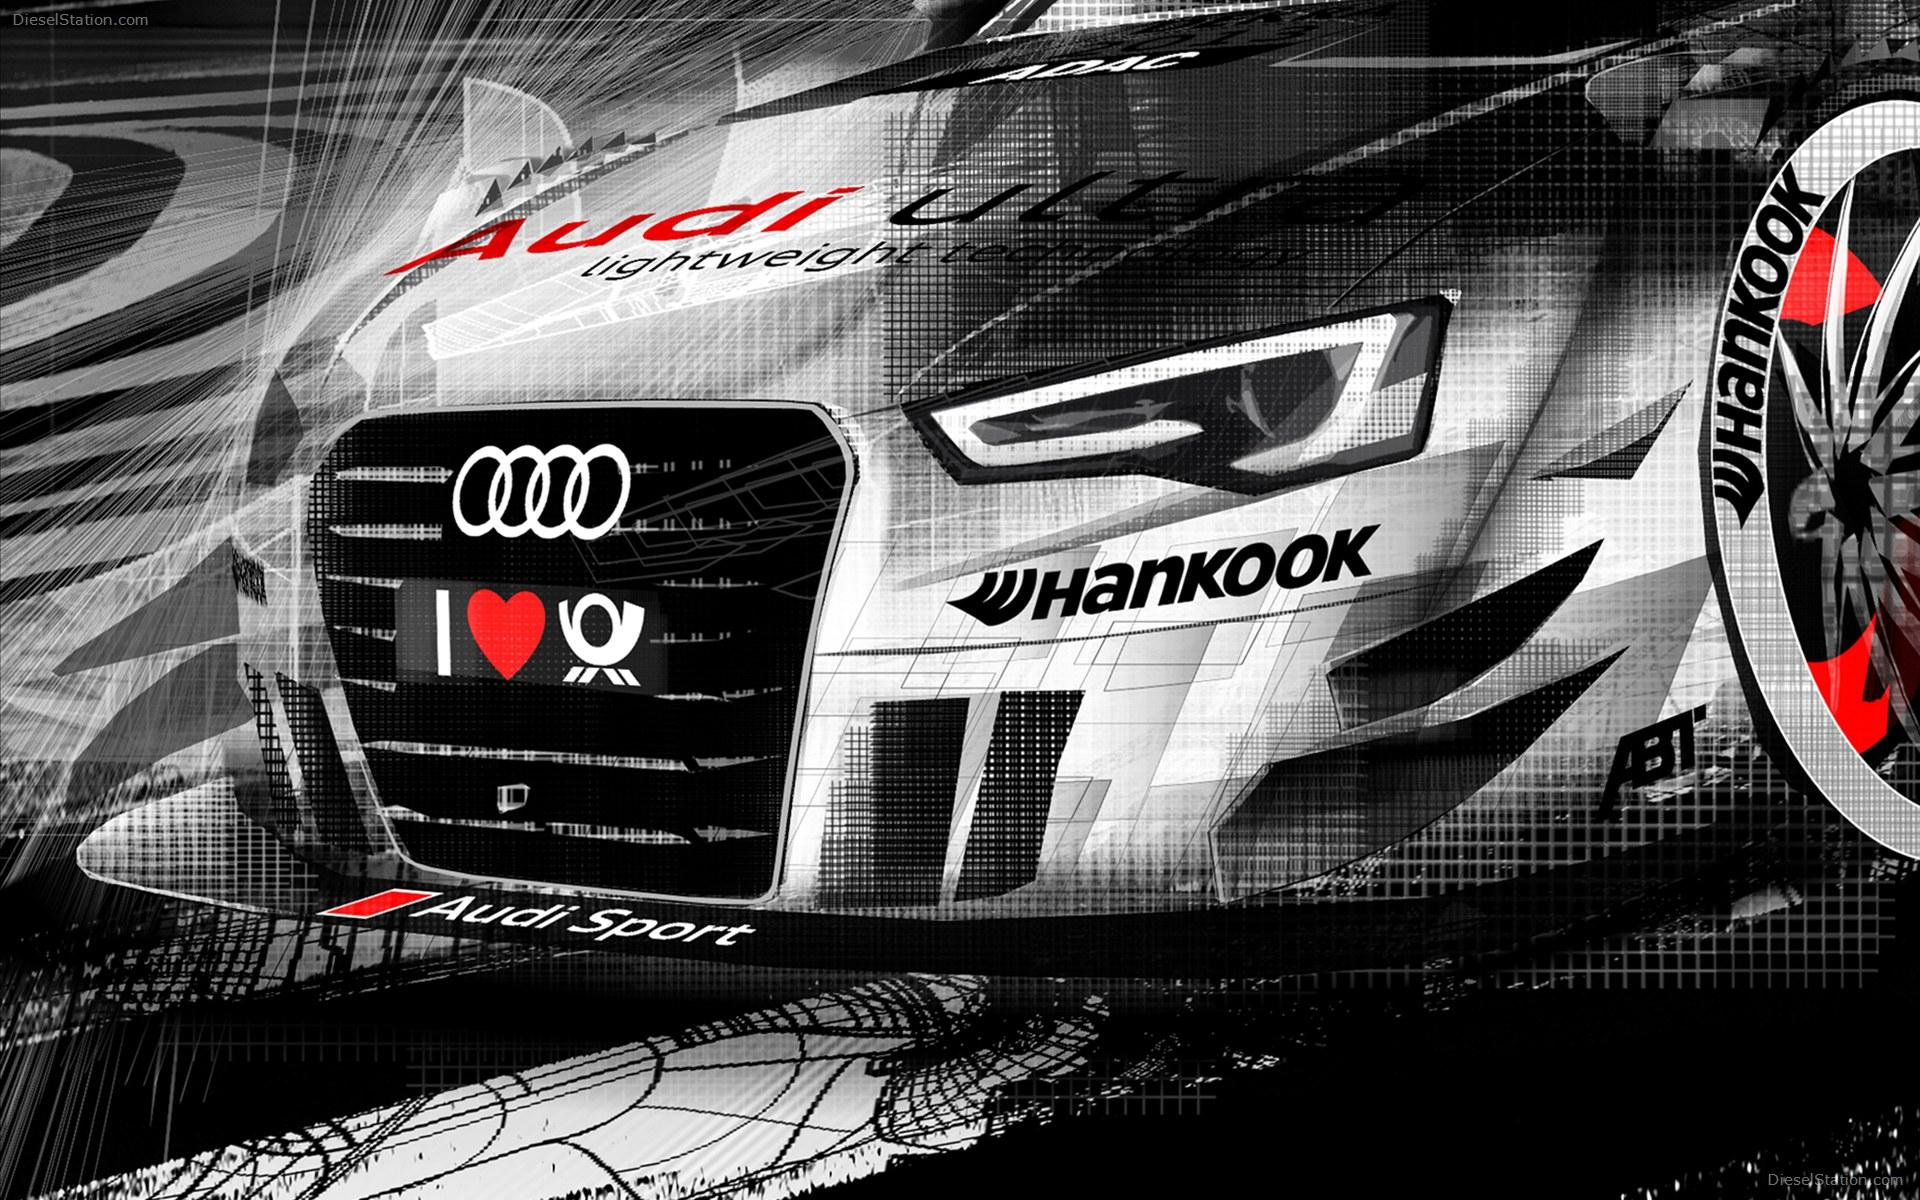 Audi Rs 5 Dtm Audi Dtm 1920x1200 Wallpaper Teahub Io 2013 audi rs 5 dtm 2 wallpaper